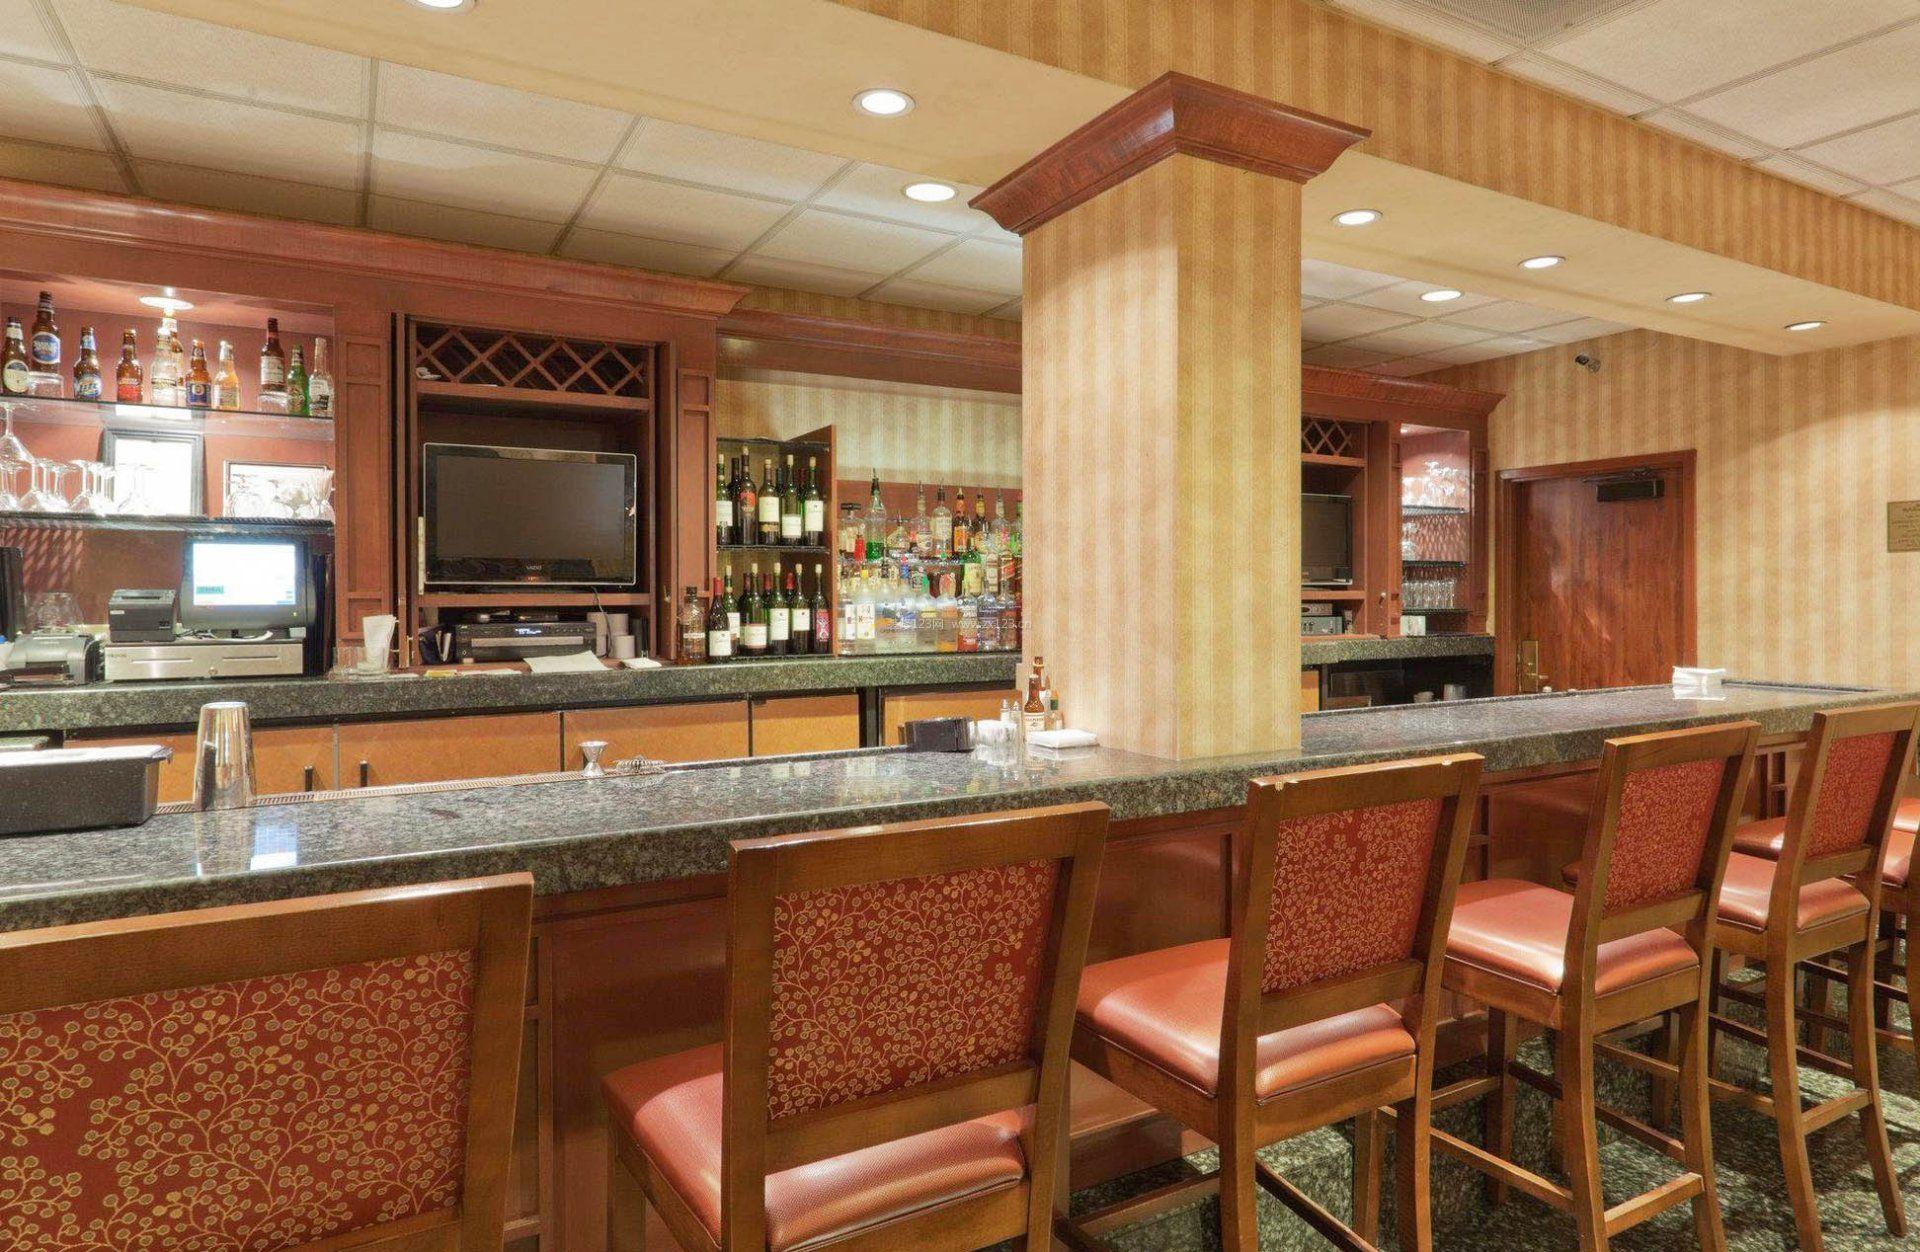 酒吧家庭室内柱子装修效果图侧墙送风新风图片